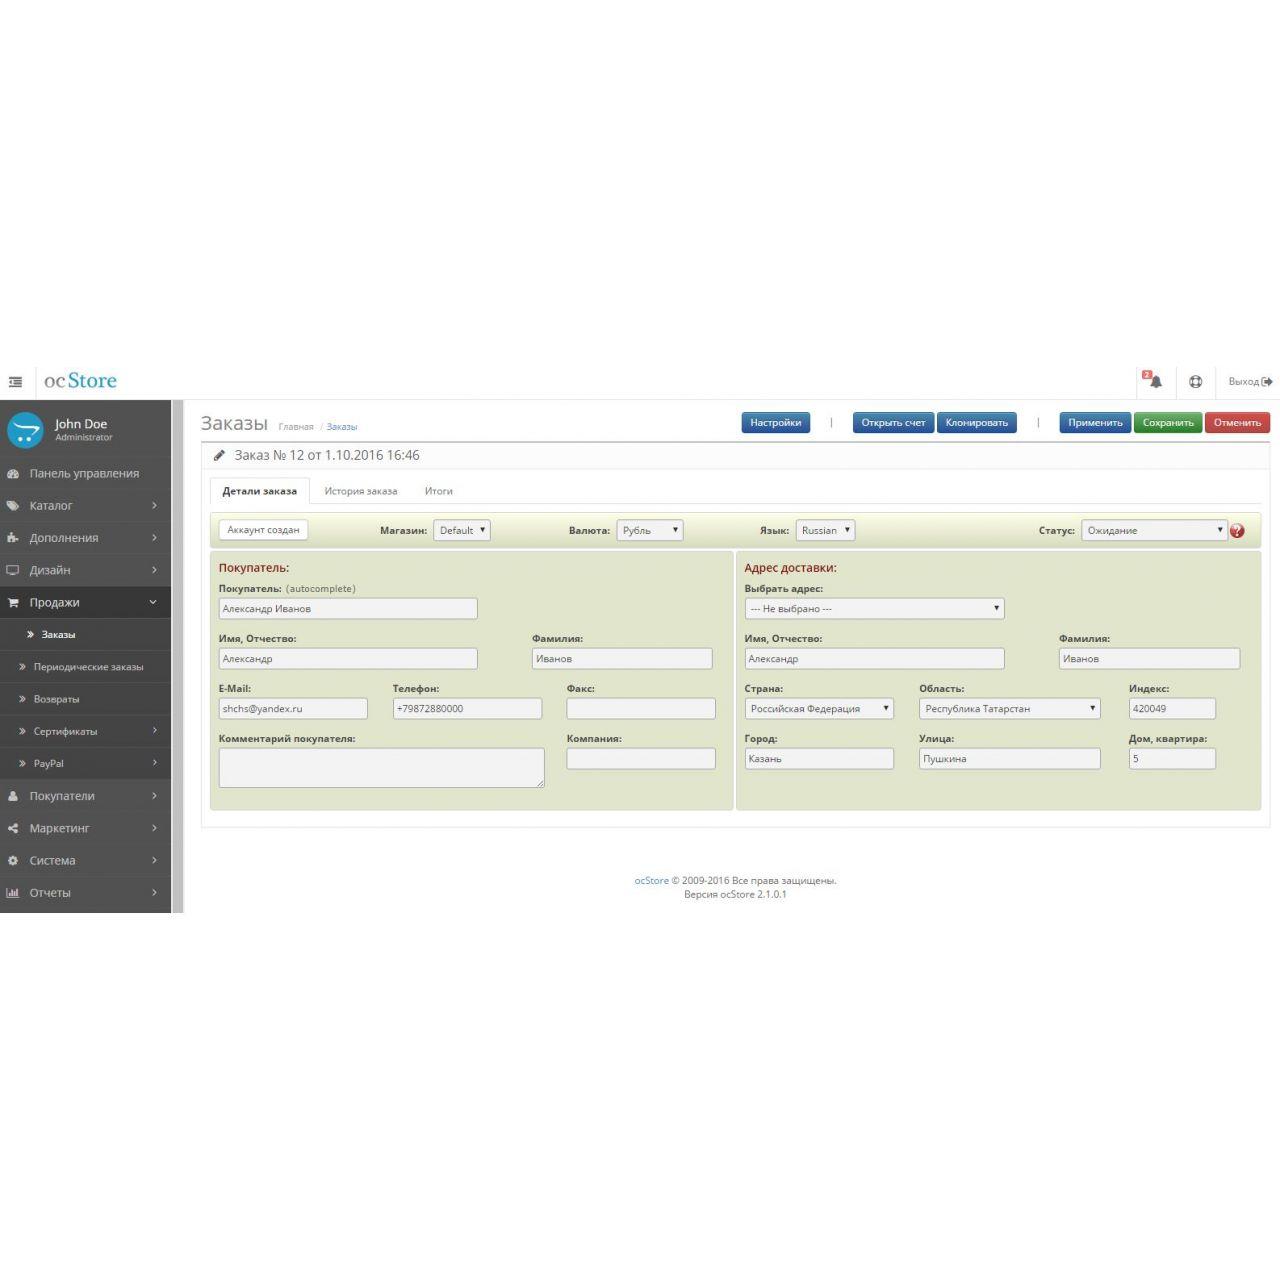 OrderPro - редактор заказа для Opencart/Ocstore из категории Админка для CMS OpenCart (ОпенКарт)